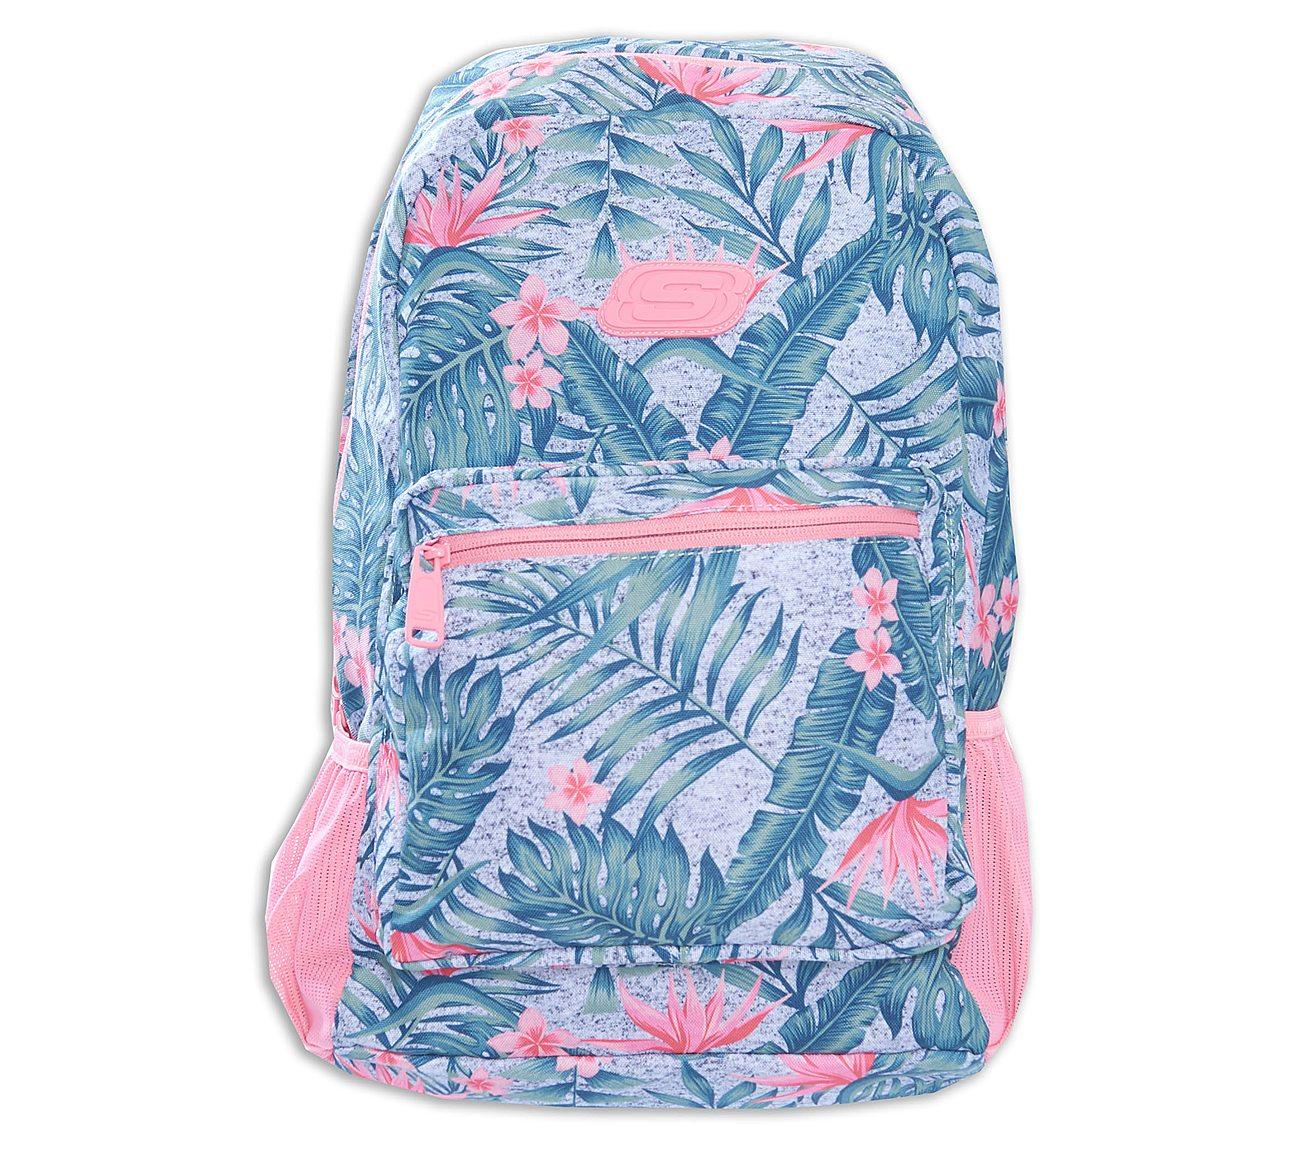 Soho Printed Backpack